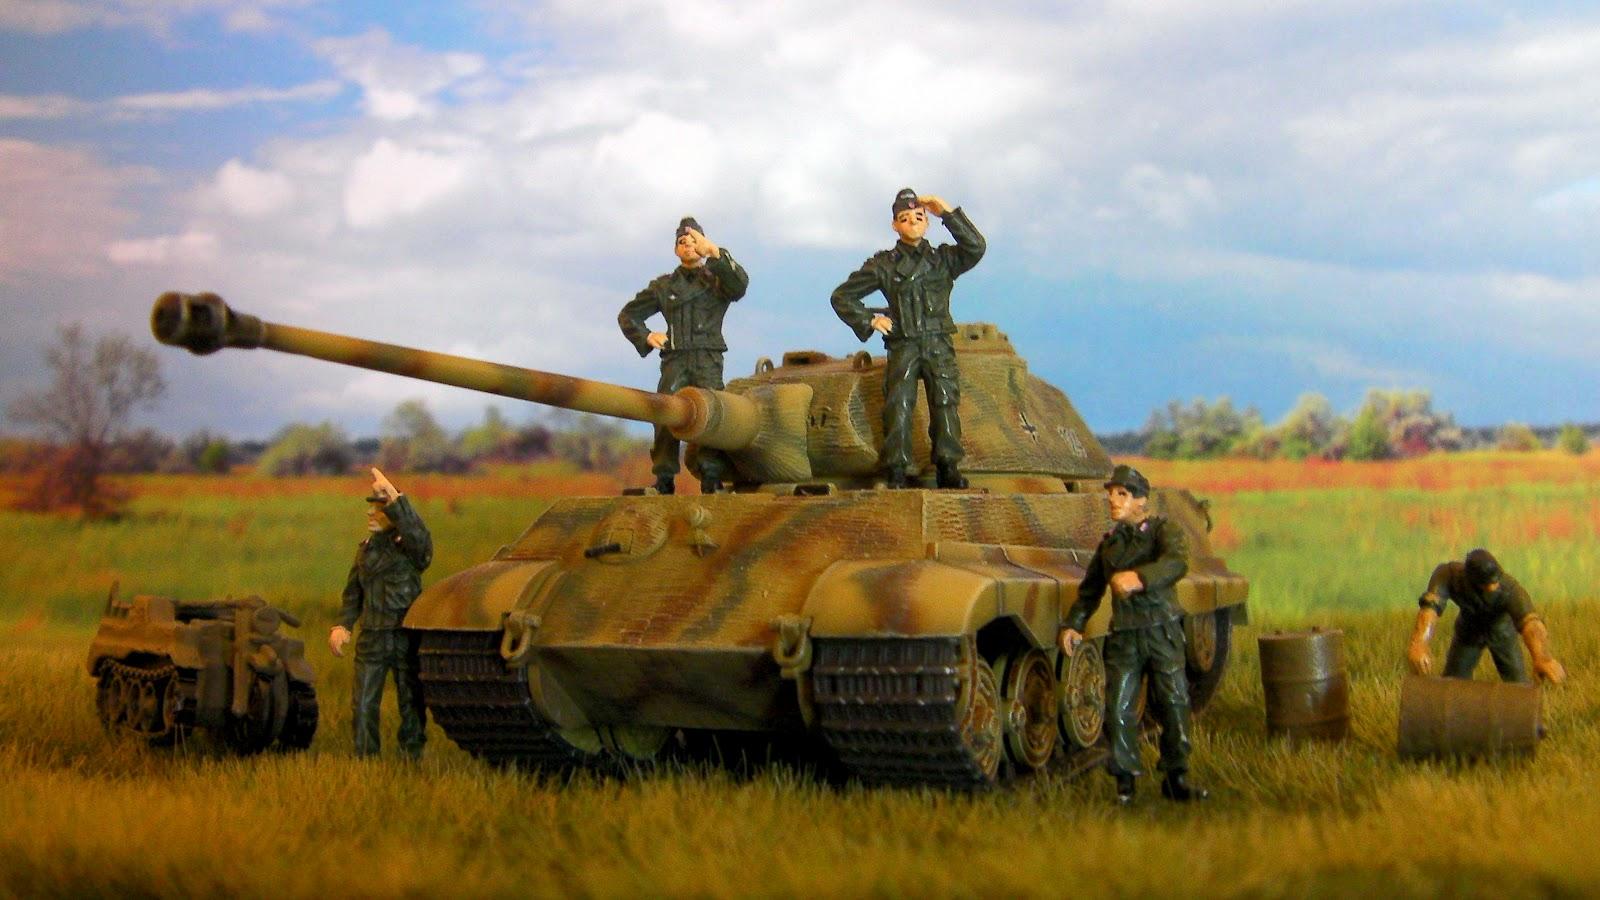 Обои на рабочий стол с танком тигр